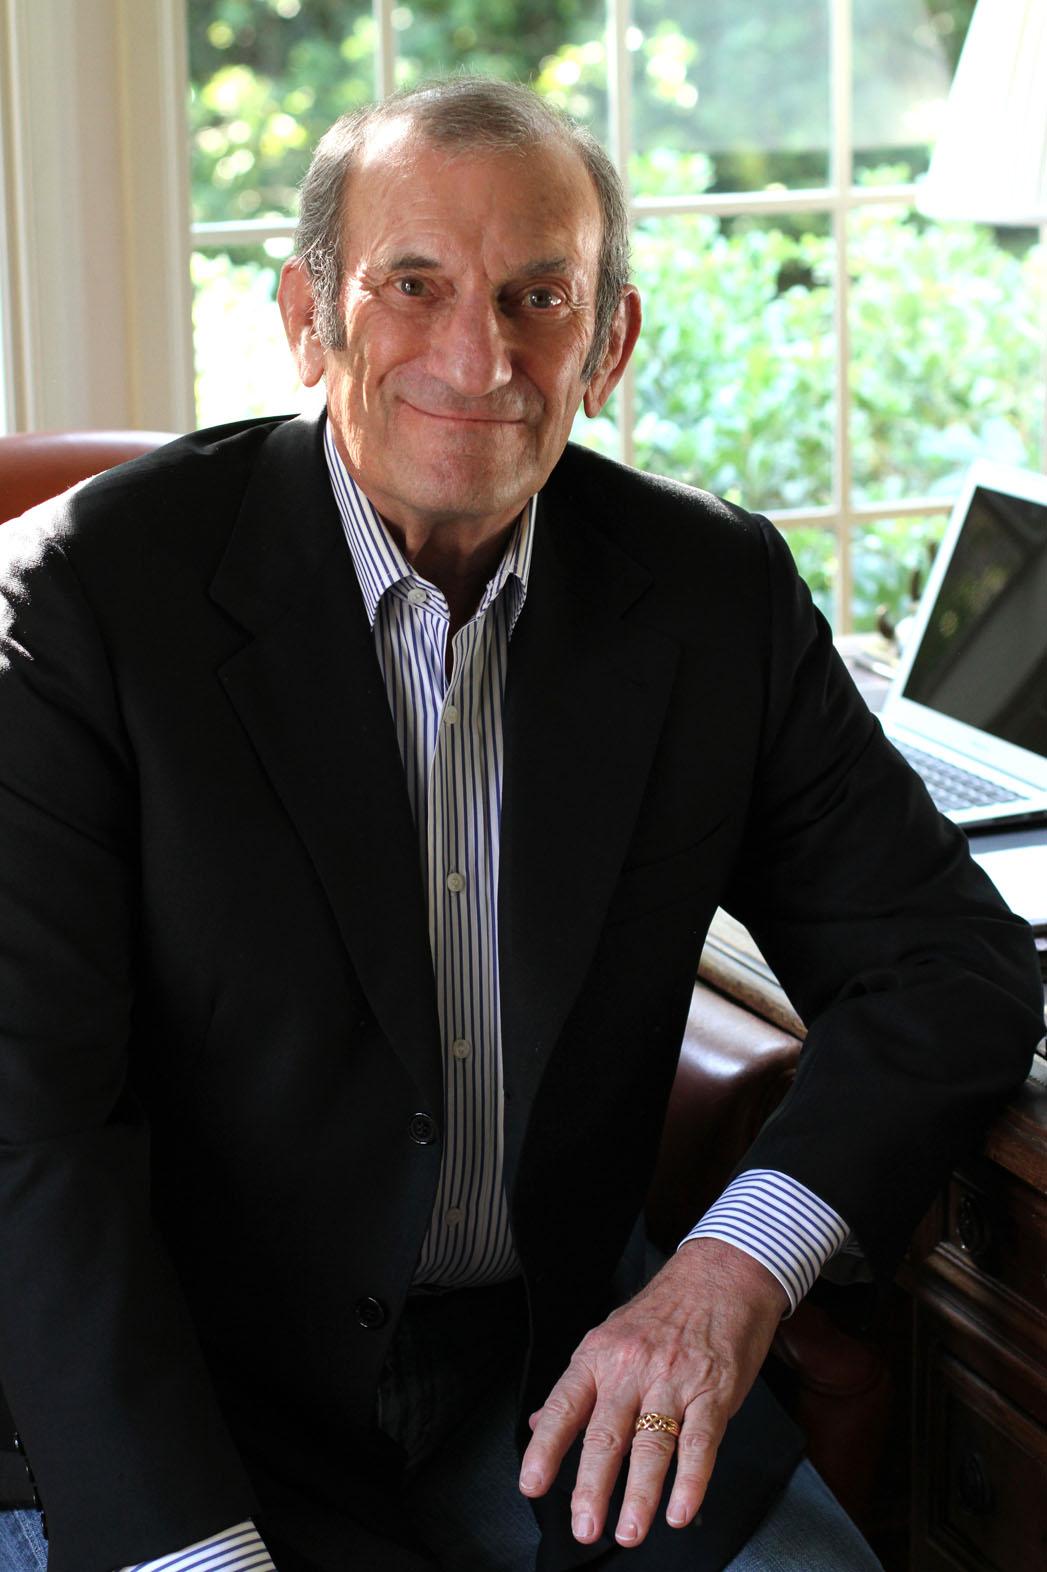 Ken Ziffren Headshot - P 2014